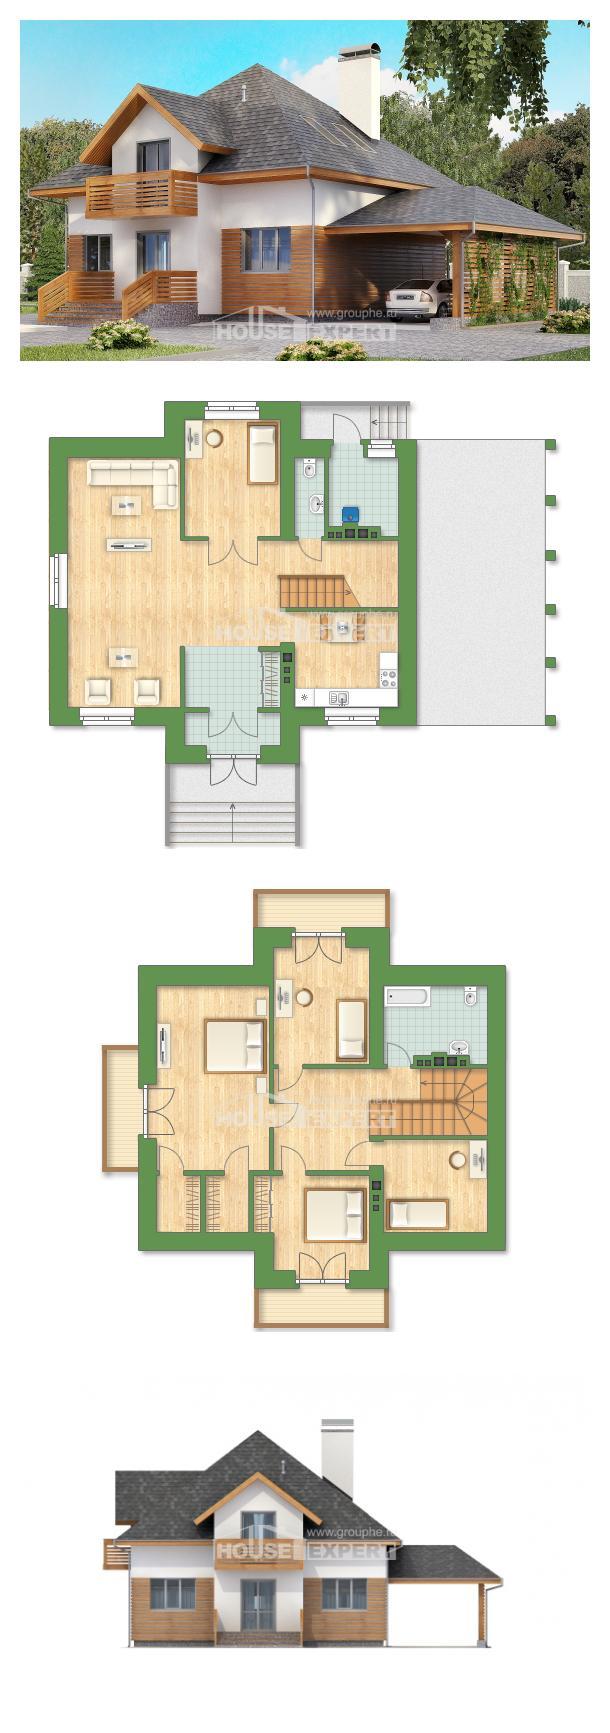 Proyecto de casa 155-004-R | House Expert